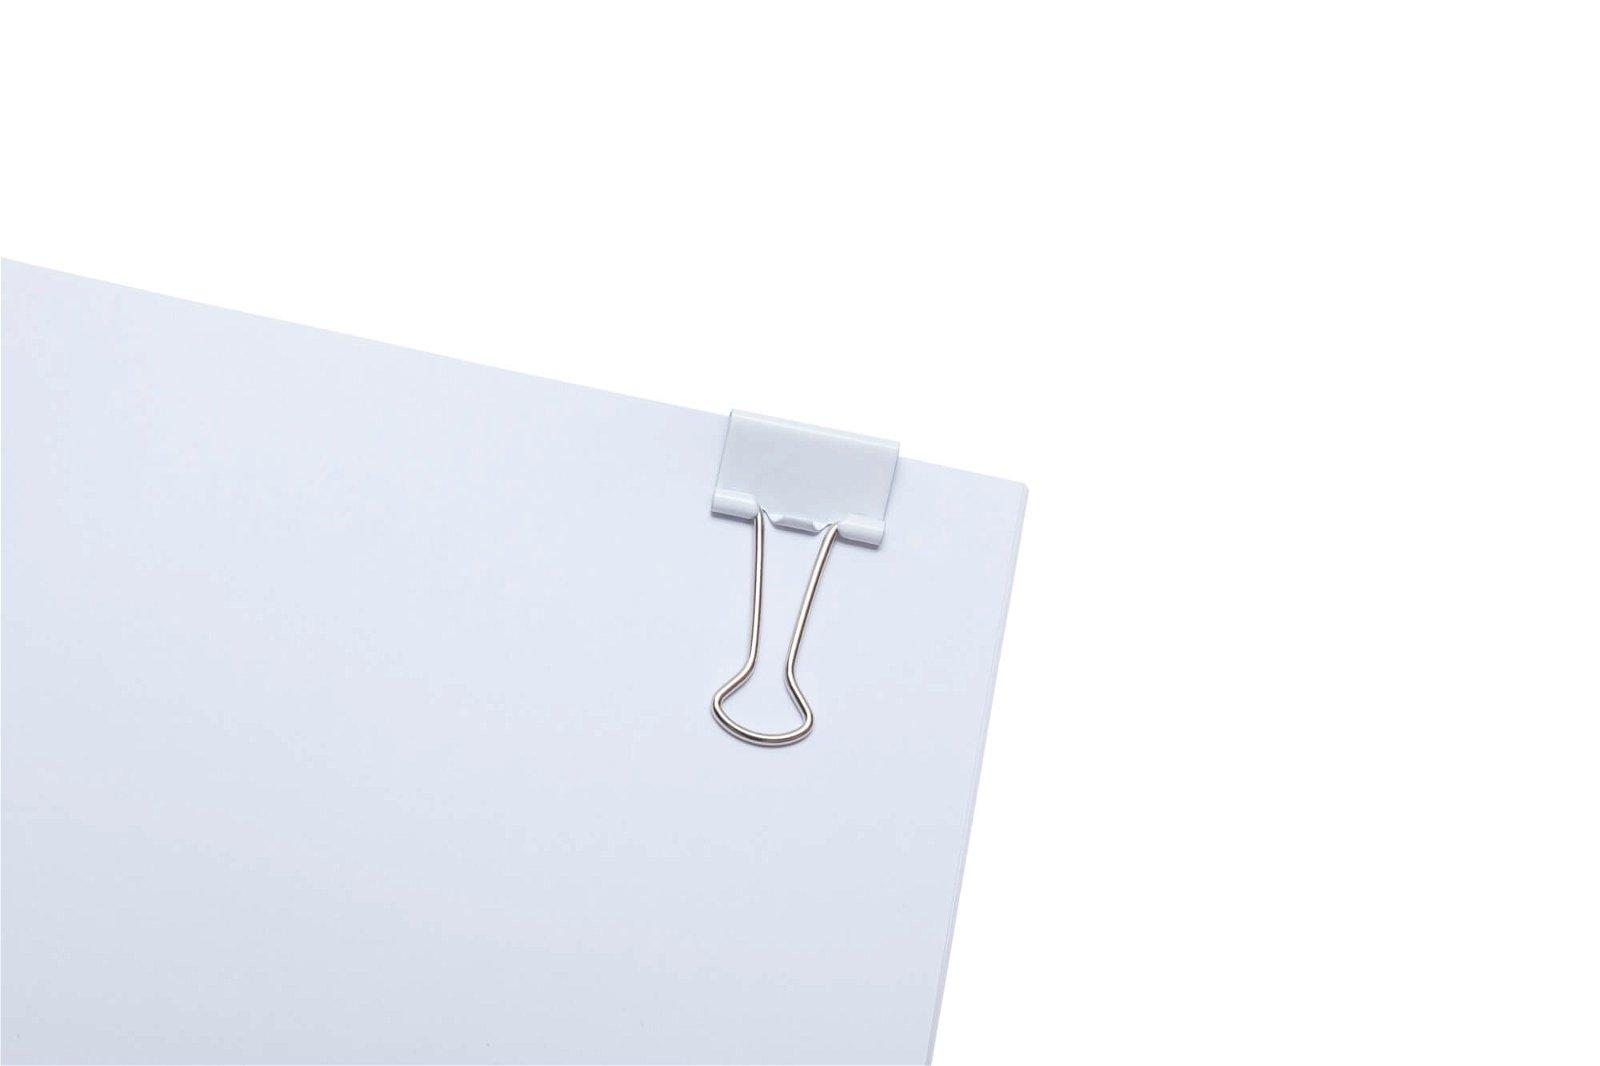 mauly 214, Breite 19 mm, 12 St./Ktn., weiß